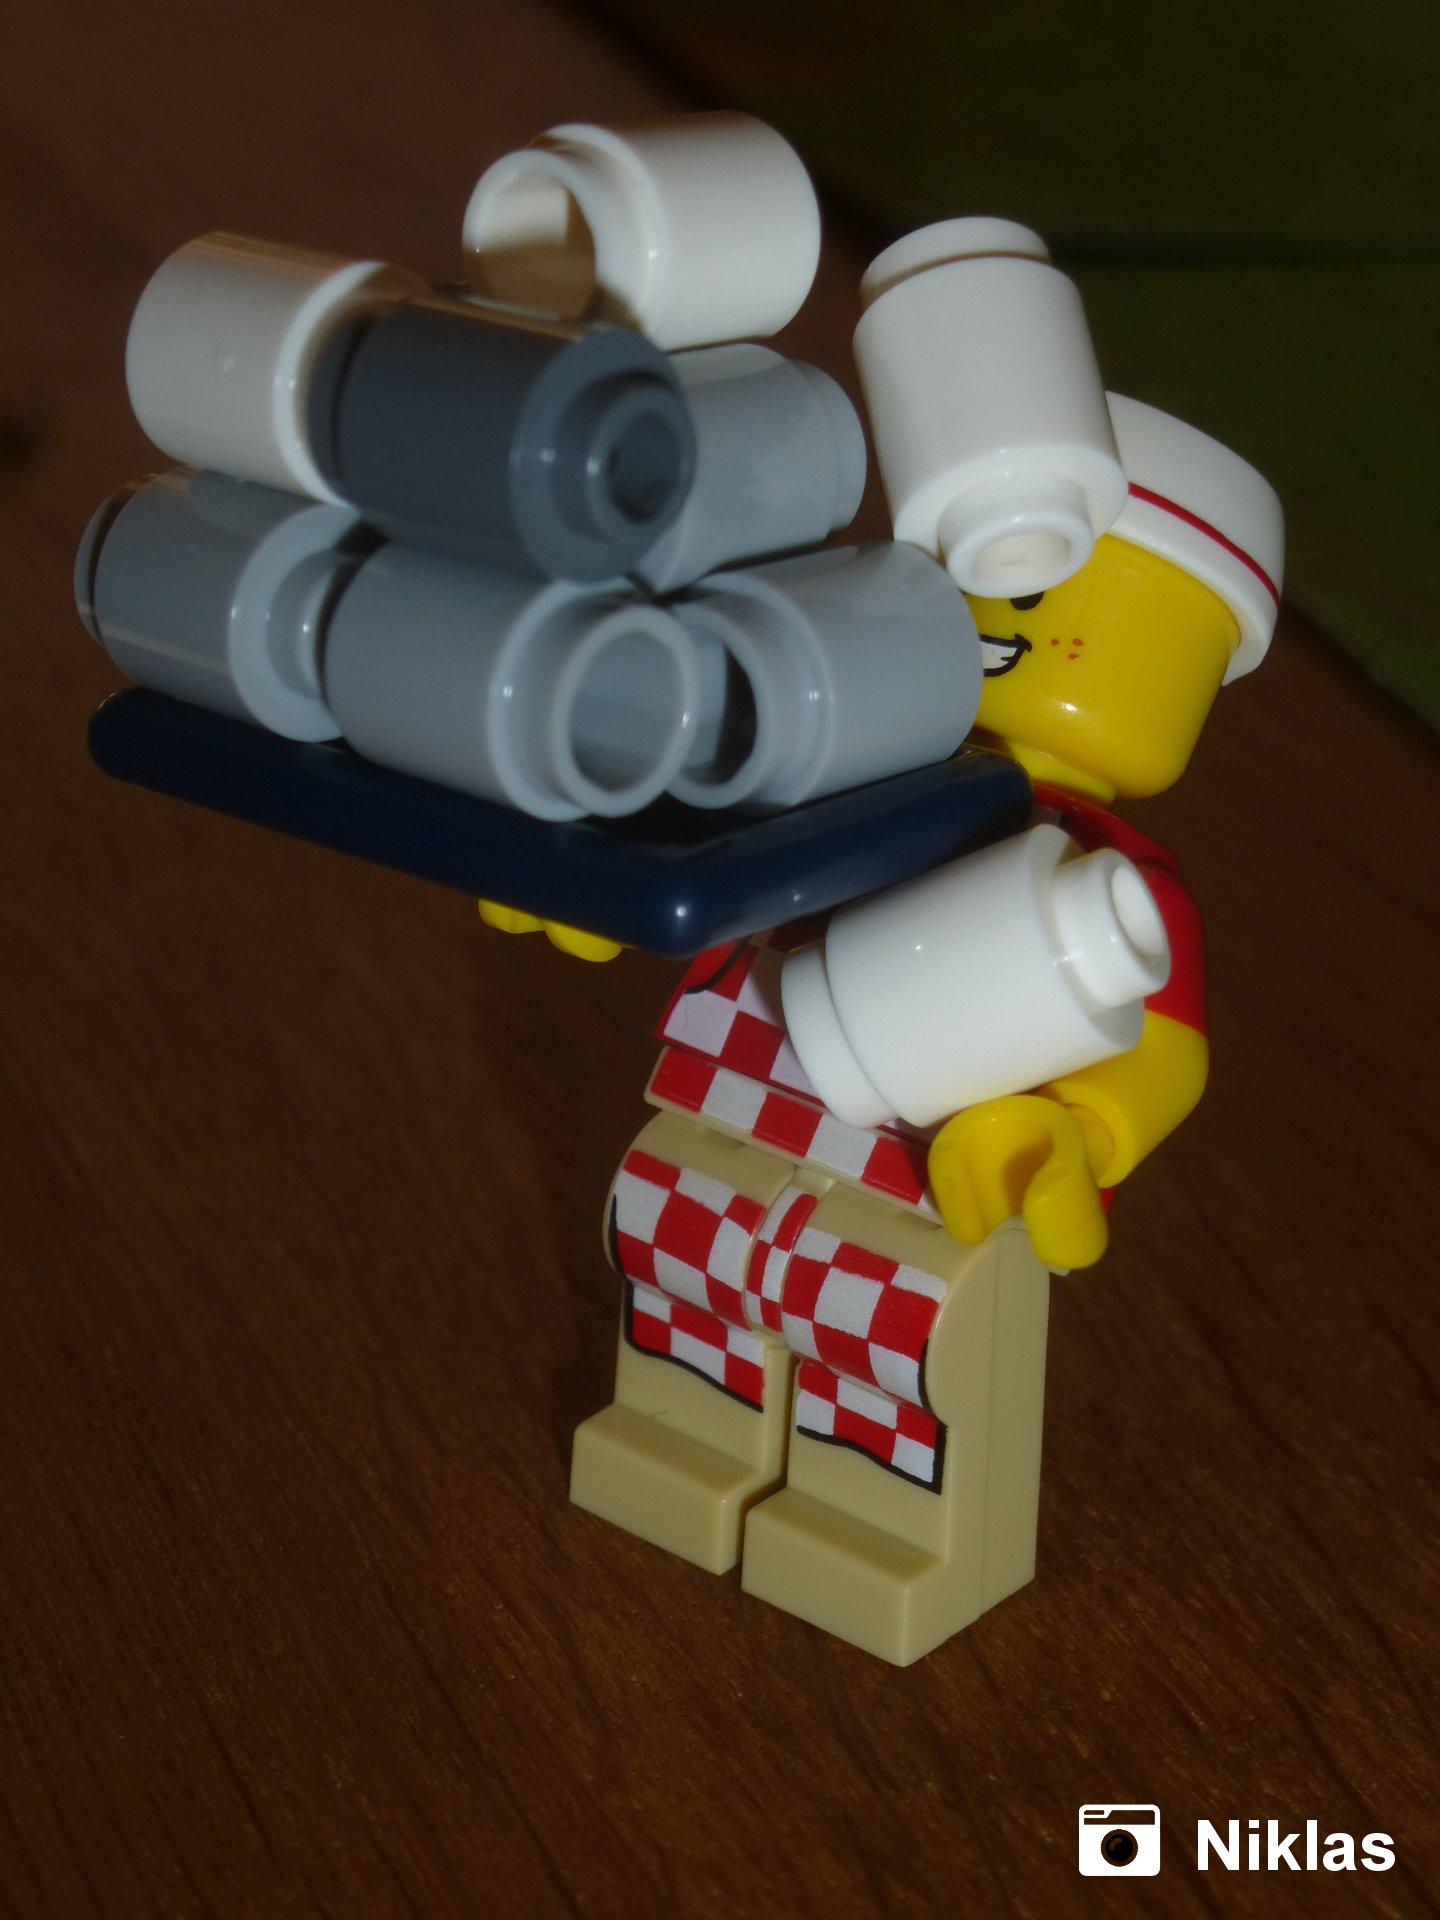 Fastfood-Verkäufer mit Toilettenpapier | Foto von Niklas